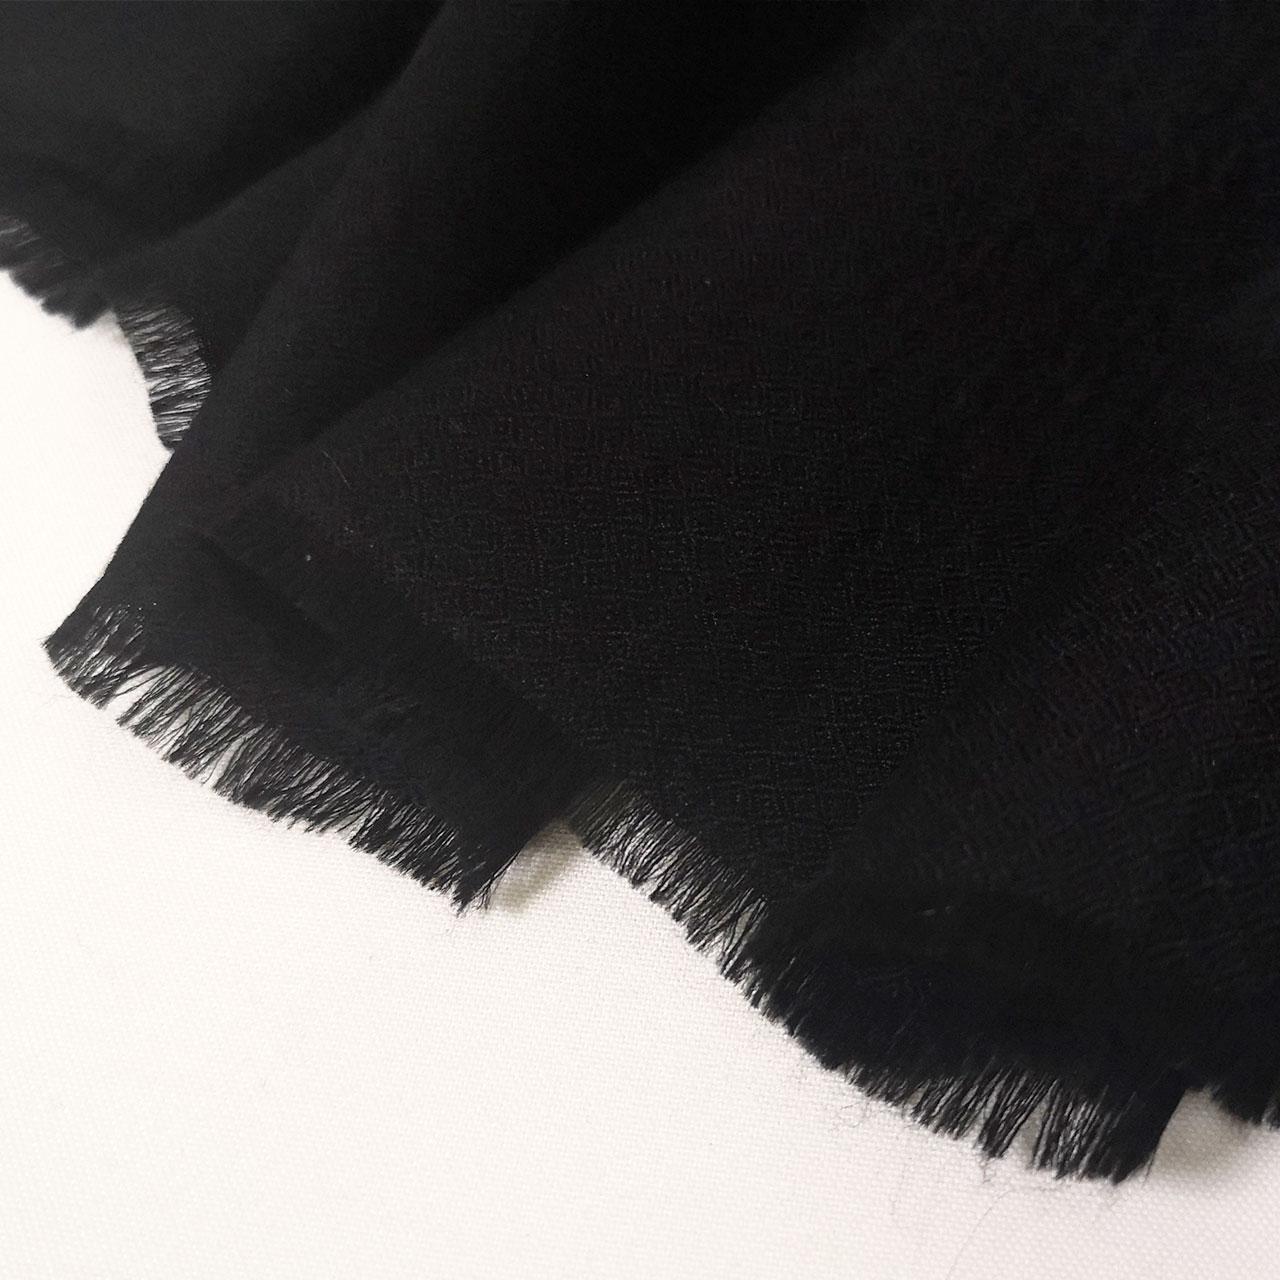 【SOLD OUT】メンズ 刺繍ストール マフラー パシュミナ カシミヤ  [100cm巾] 黒(ブラック)  クリスマス 誕生日 プレゼント 秋冬